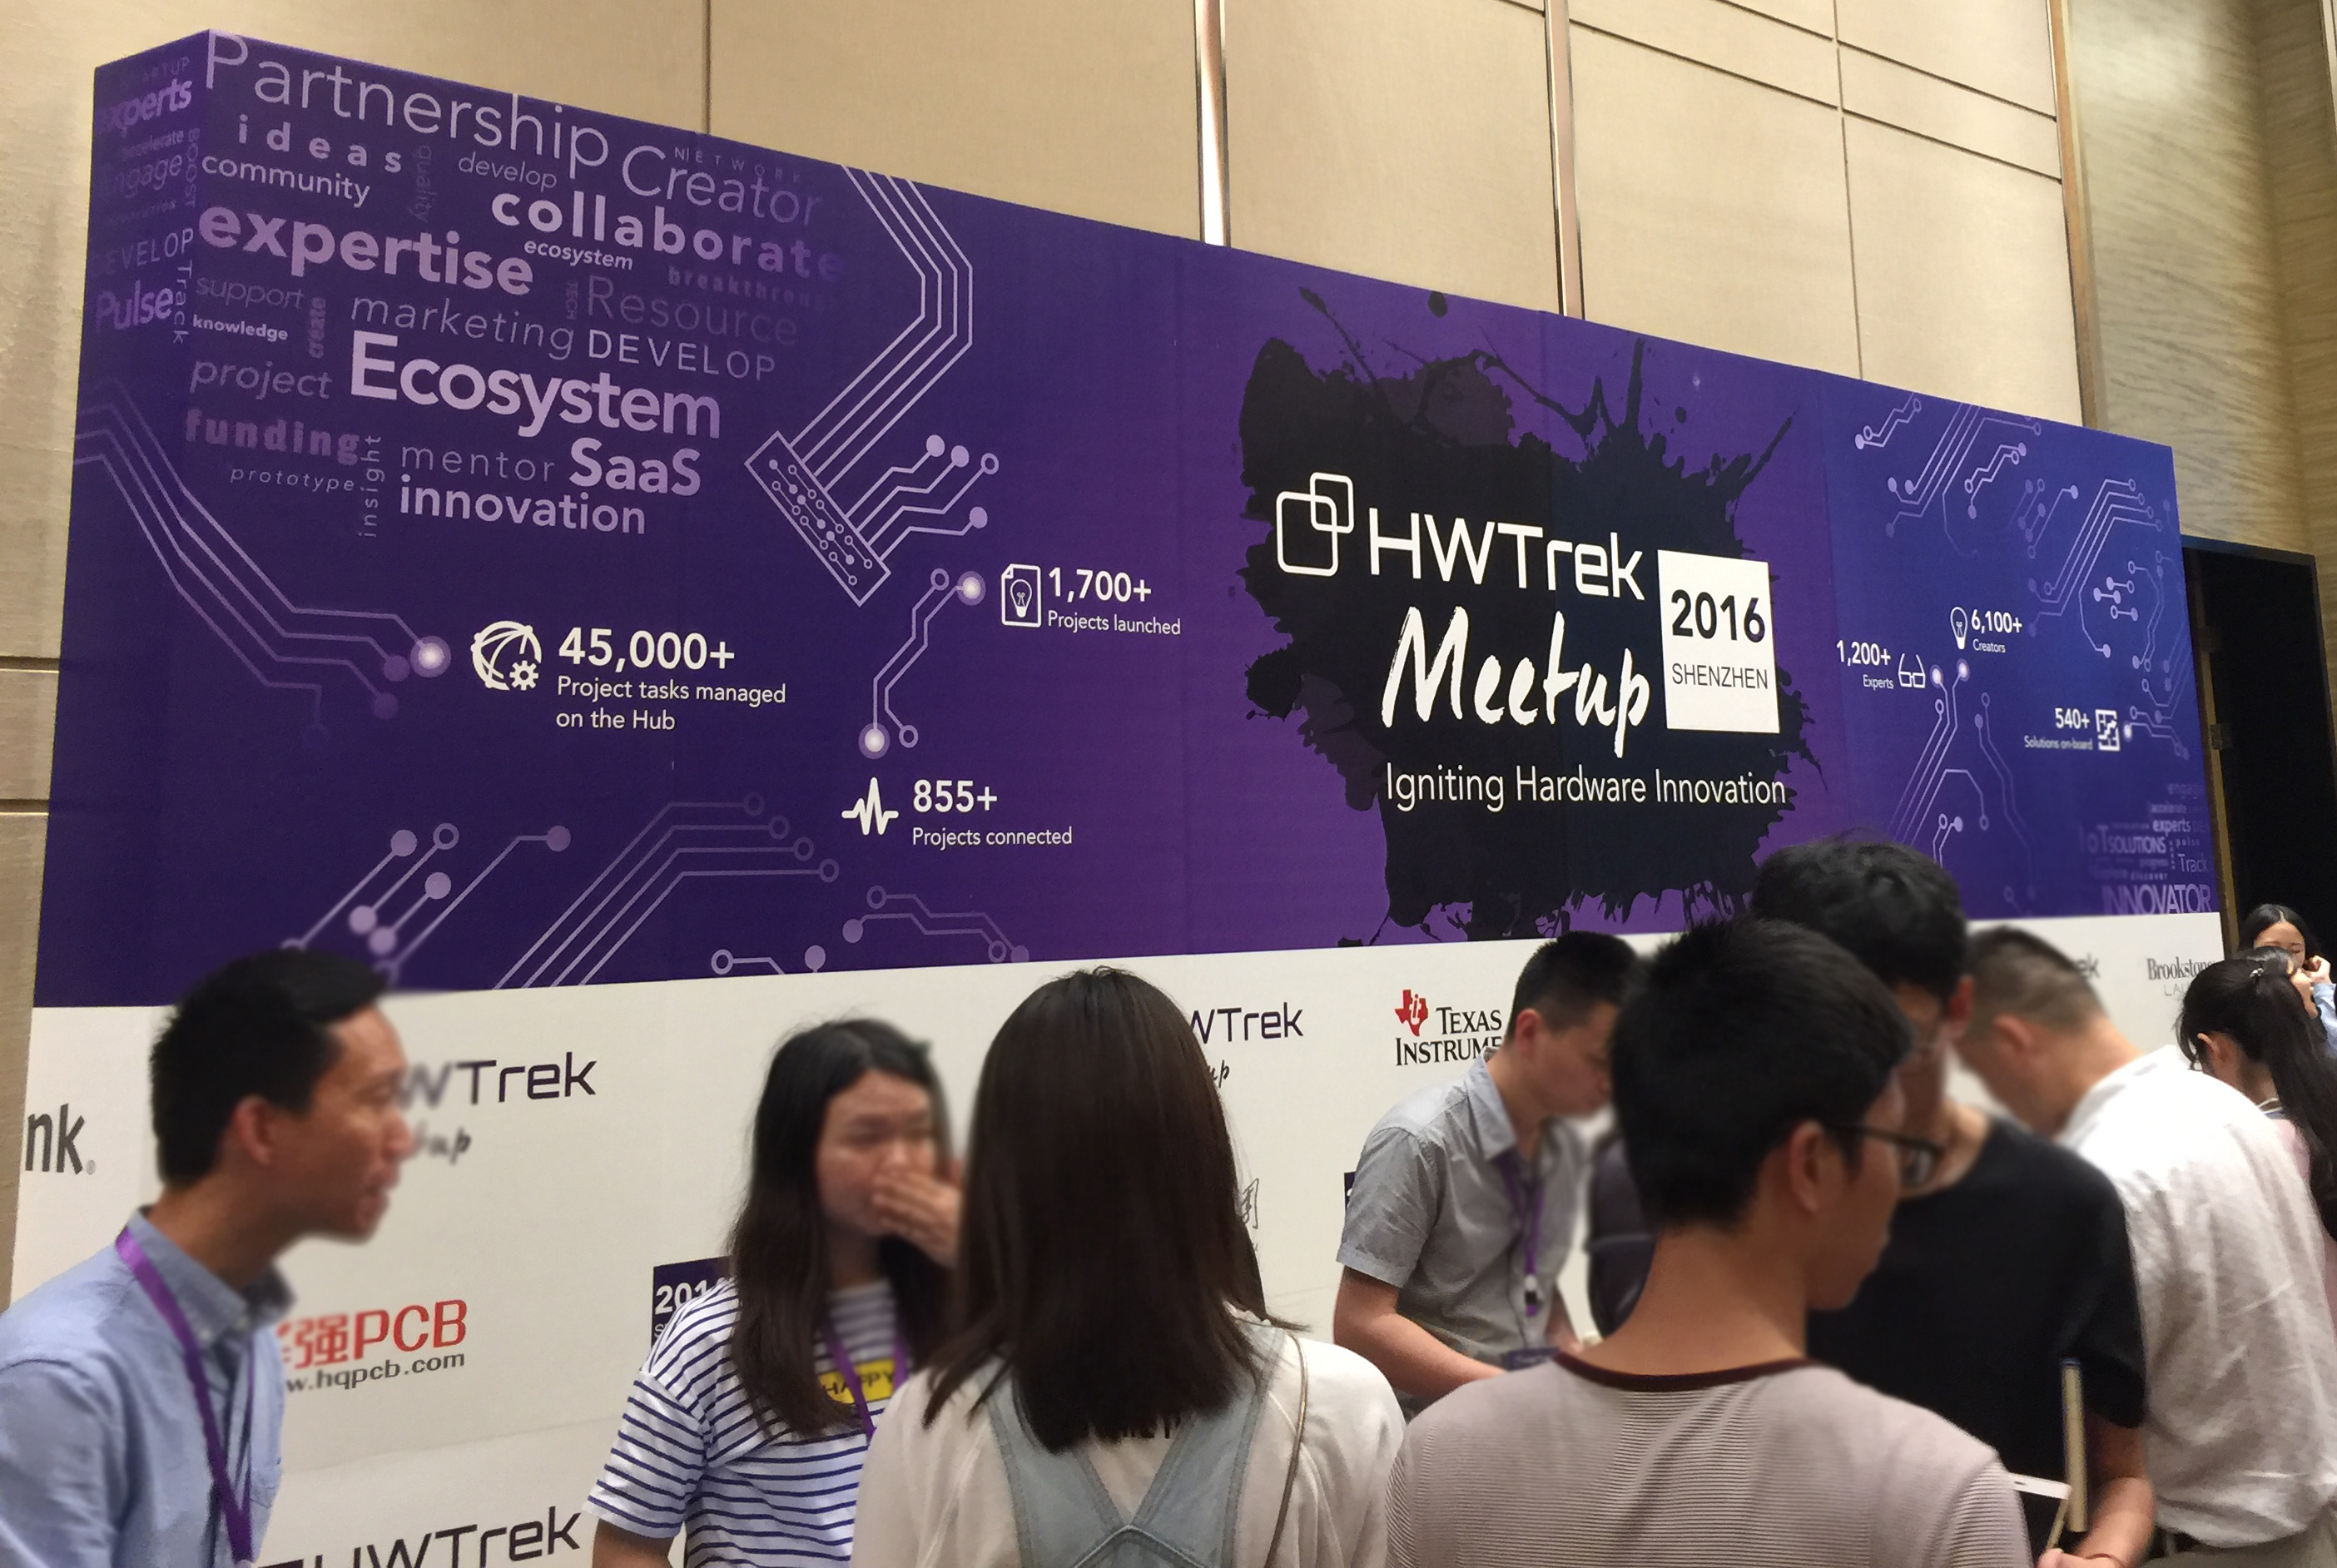 HWTrek Meetup 2016